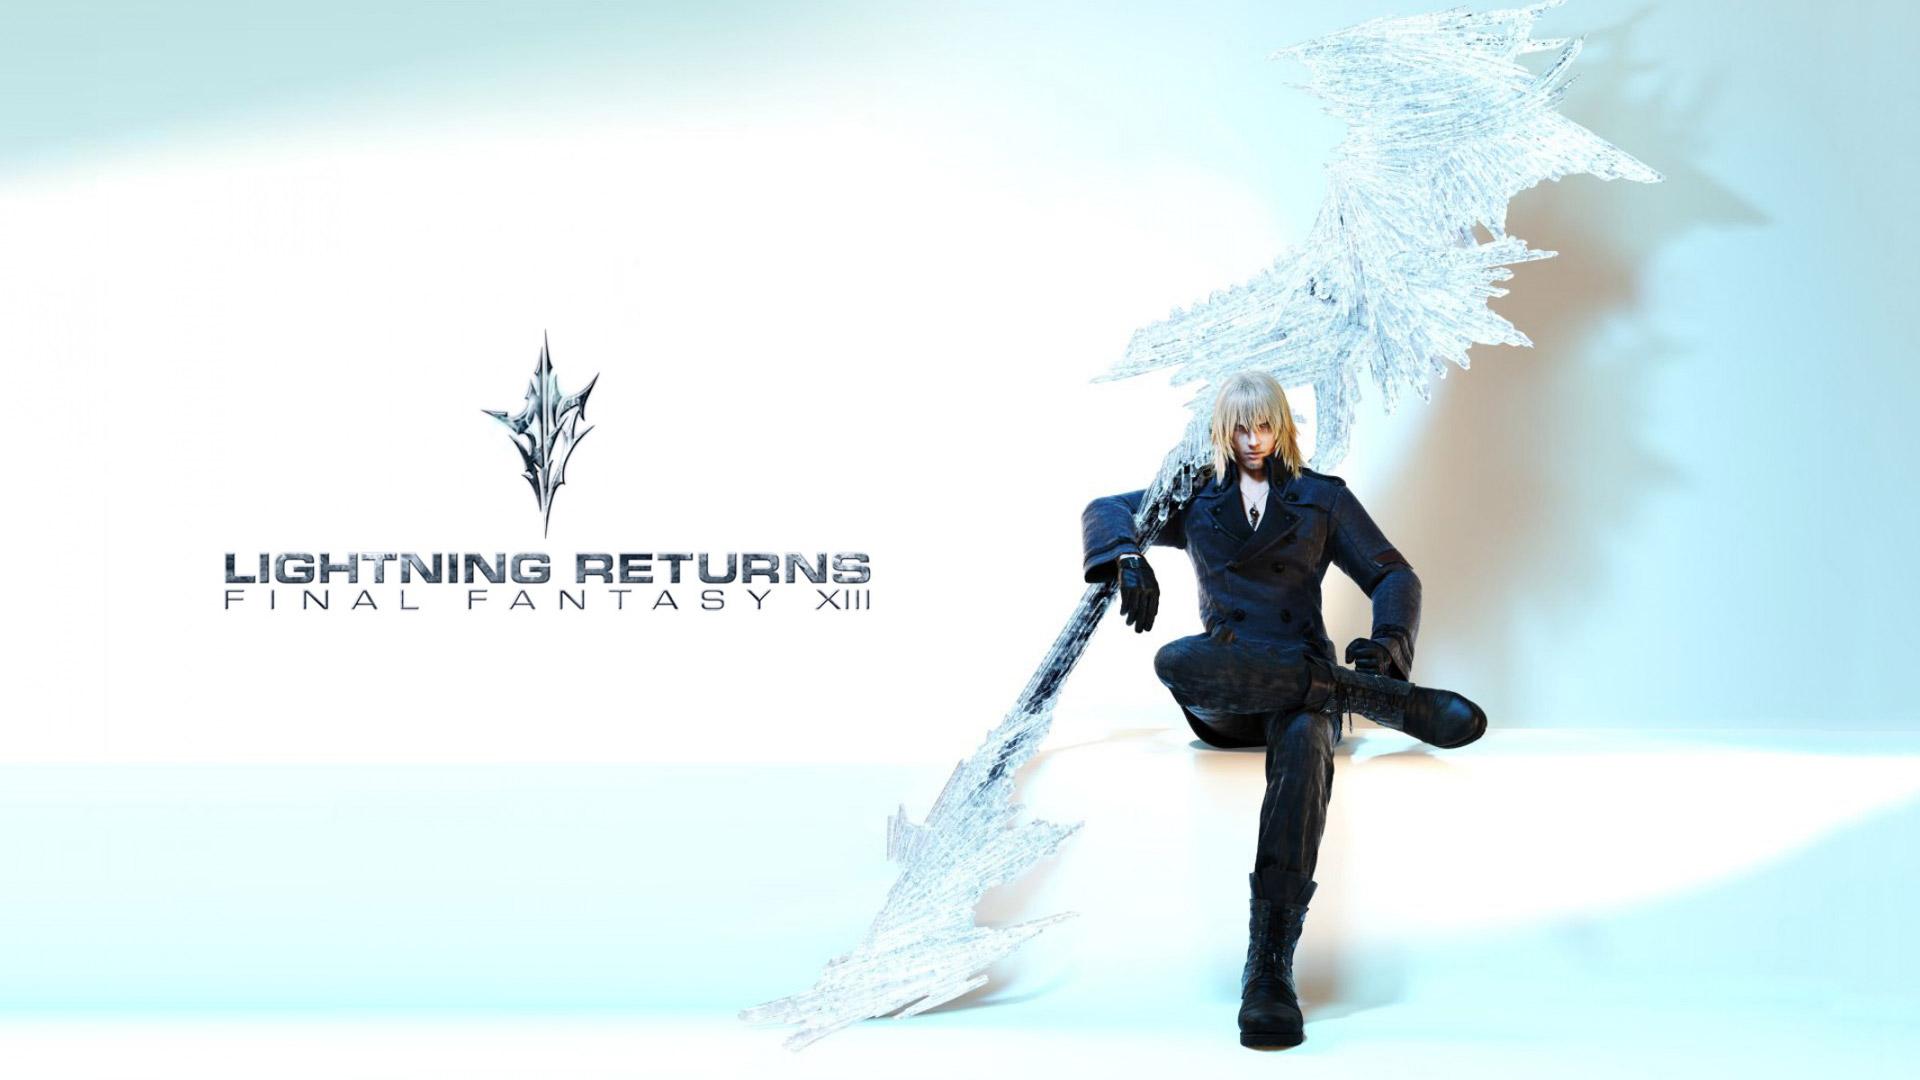 Lightning Returns: Final Fantasy XIII Wallpaper in 1920x1080